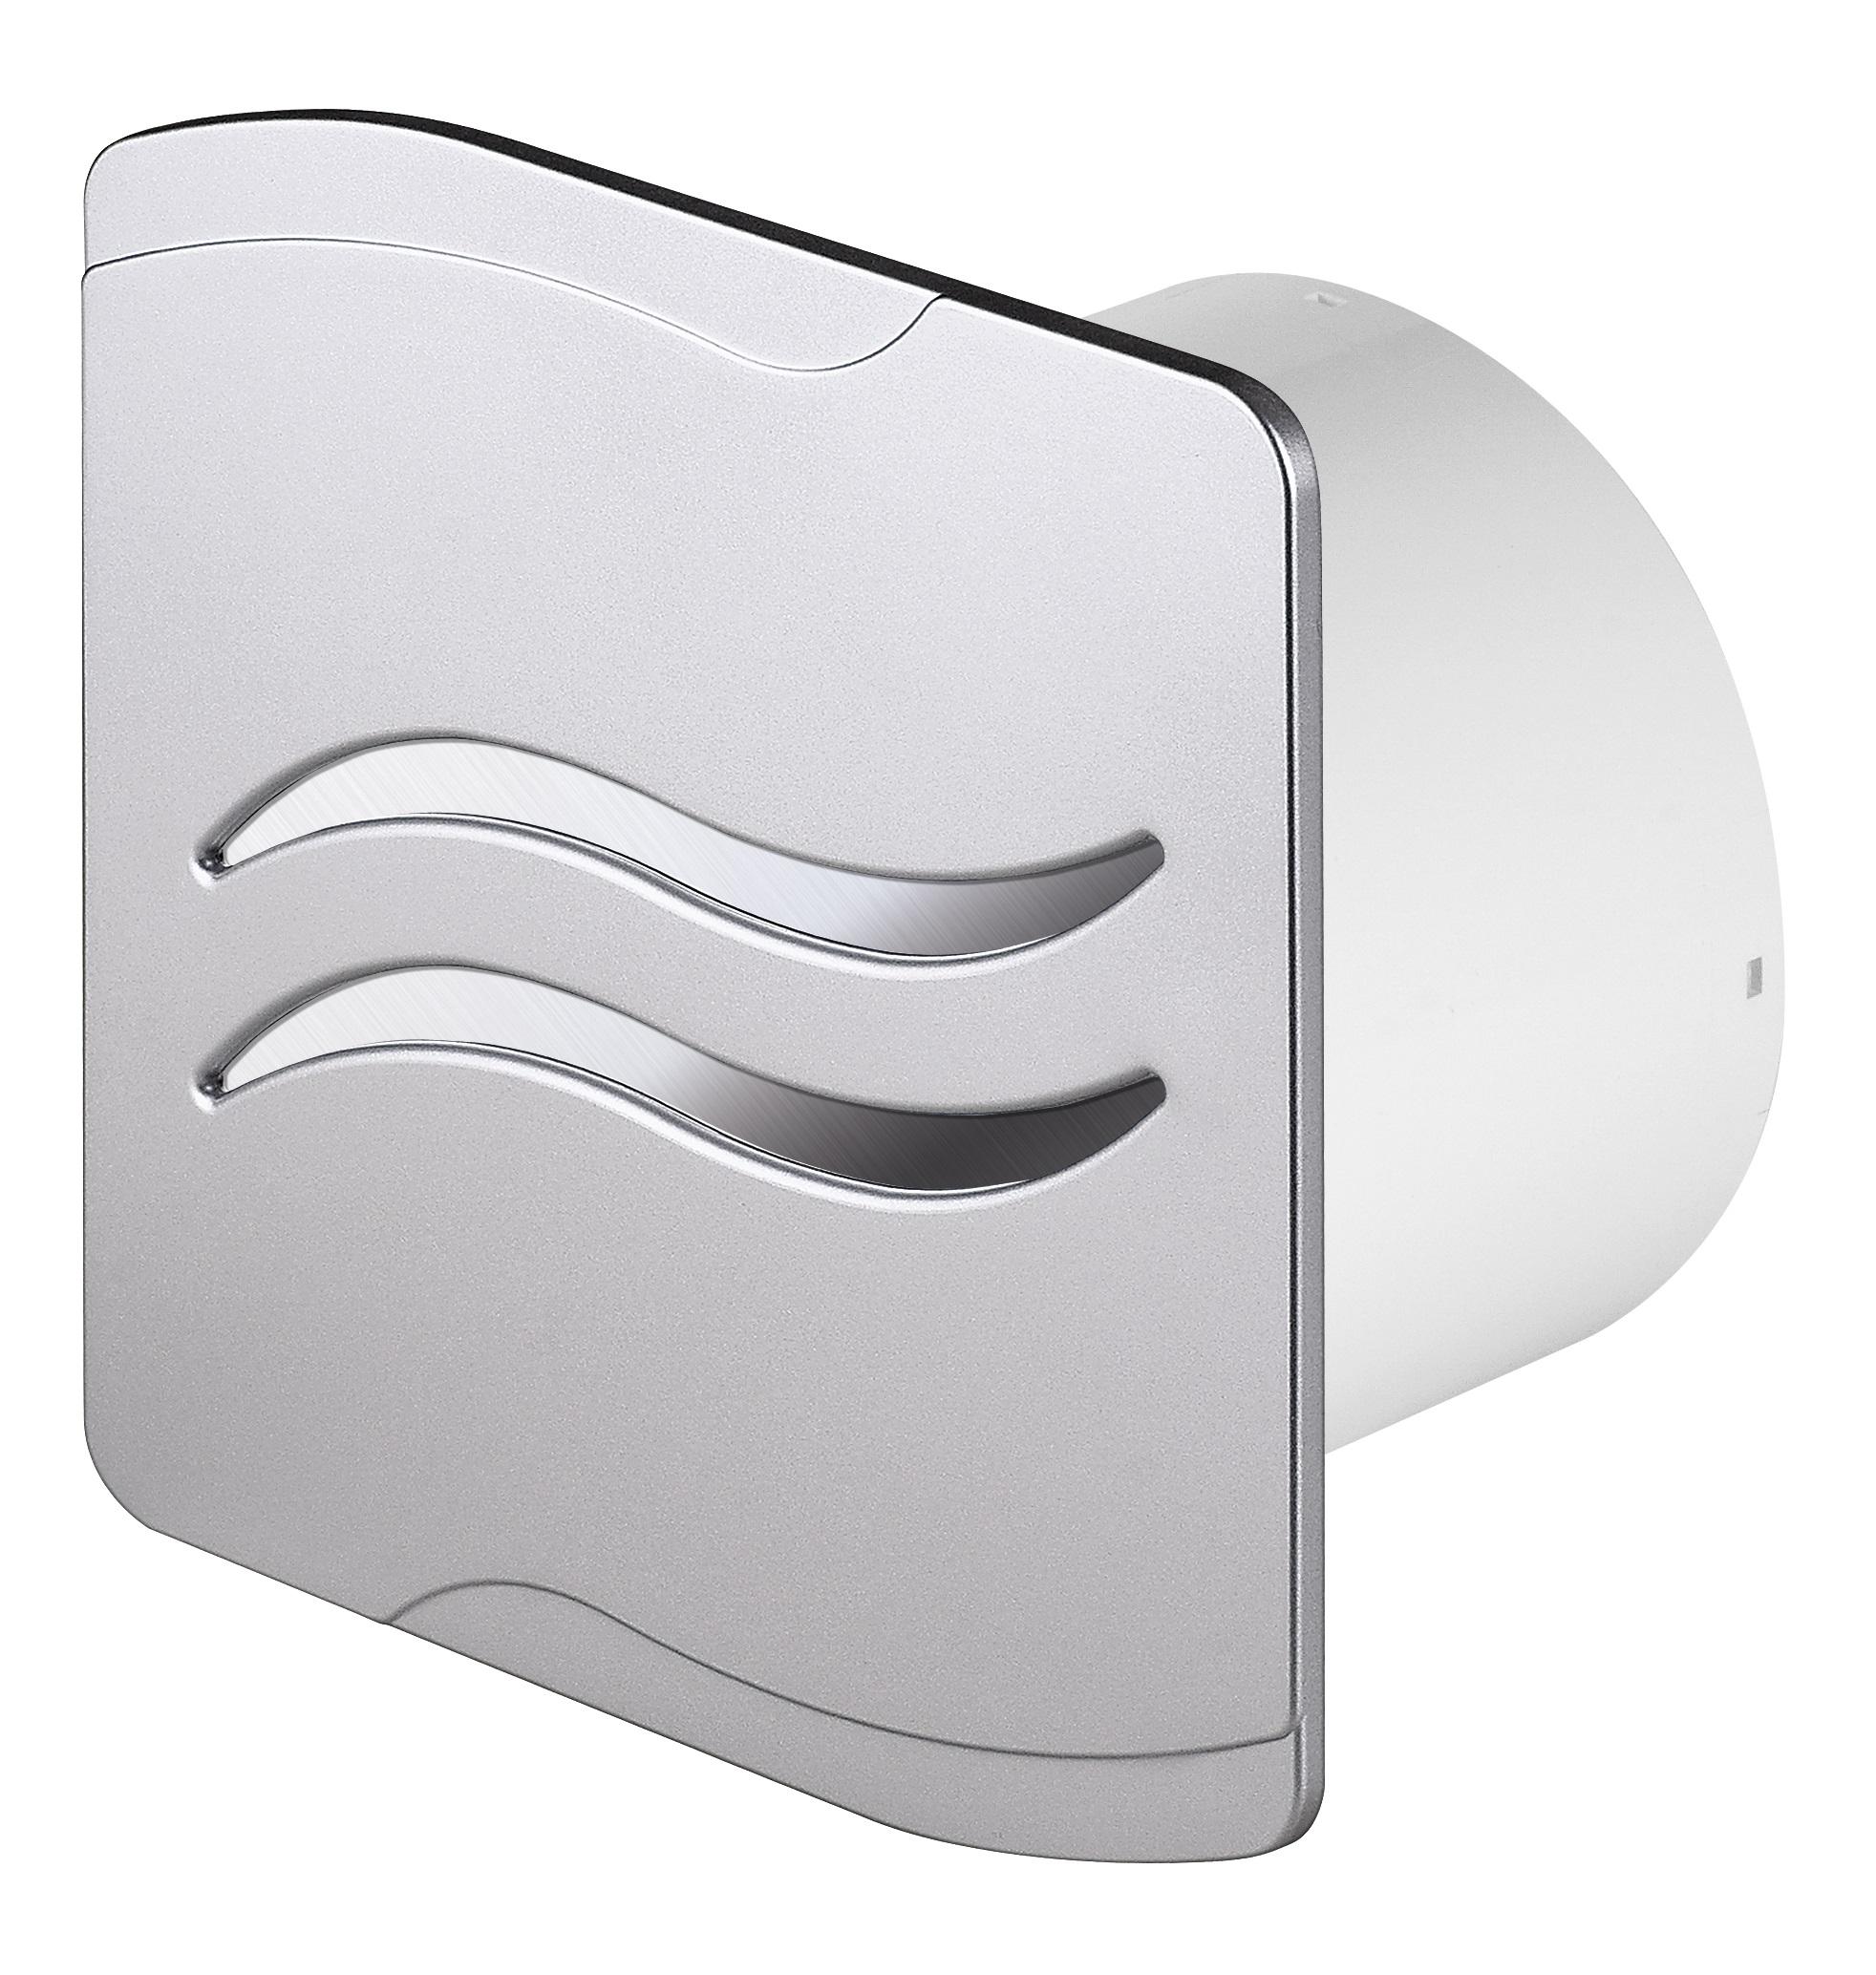 Awenta Kúpeľňa ventilátor WSS100 Satin